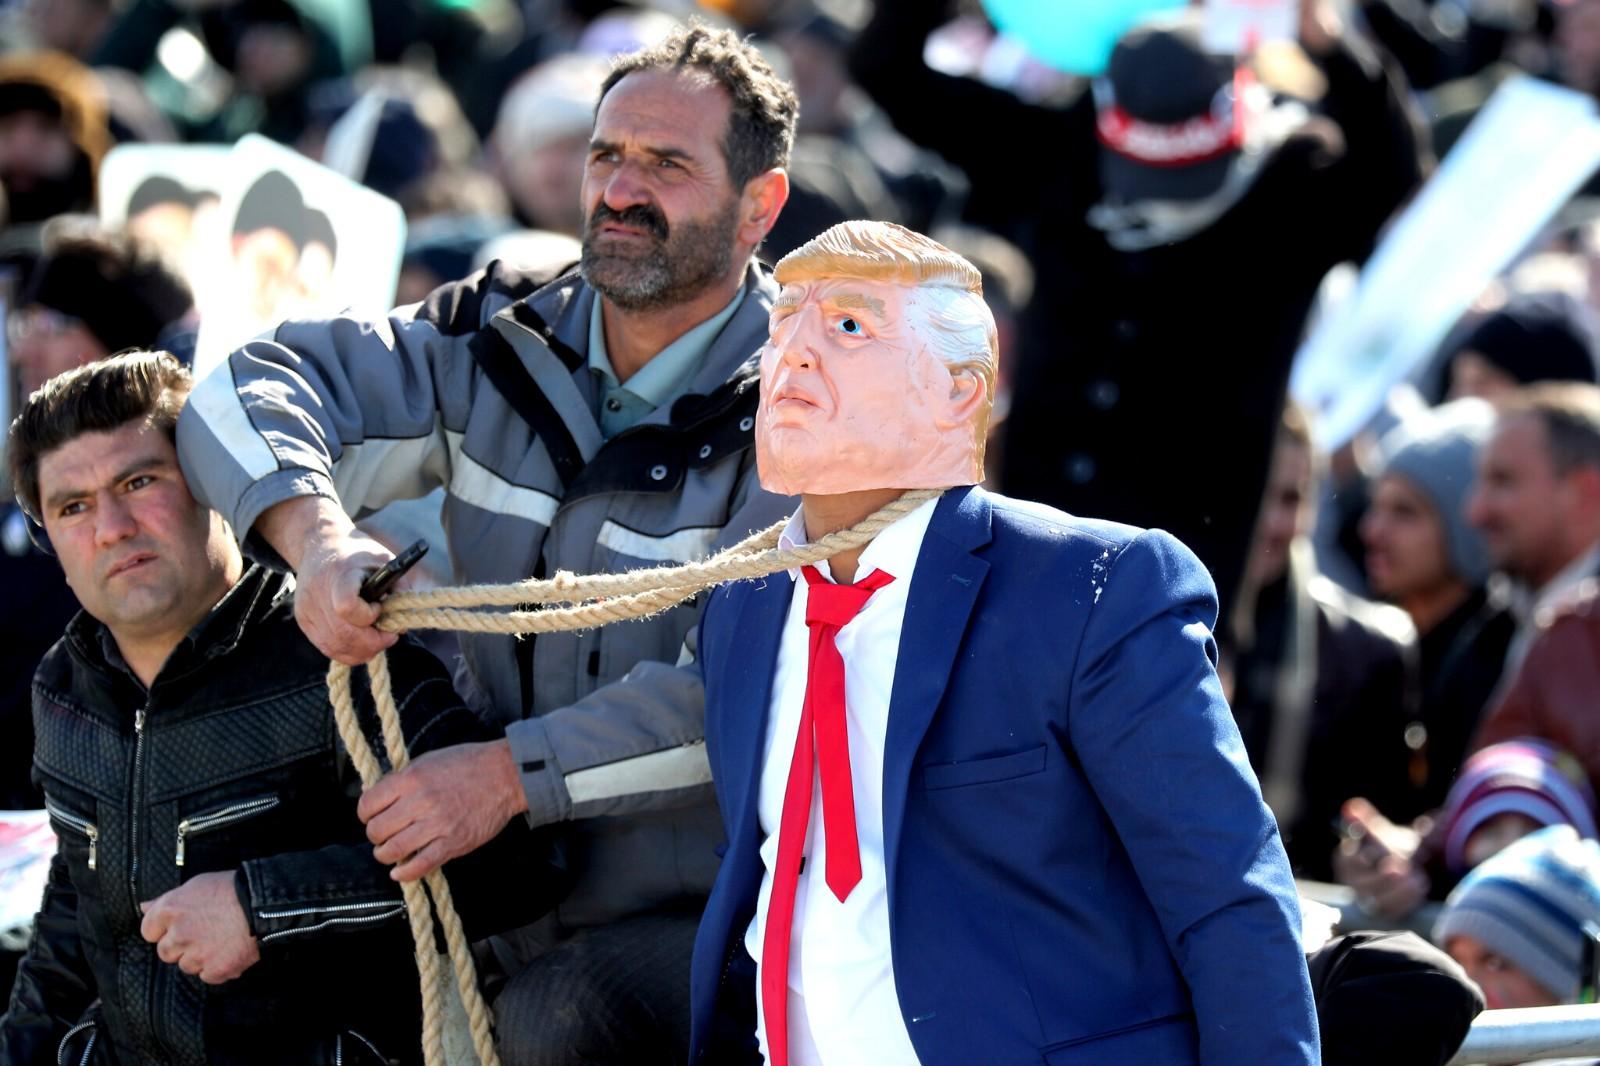 特朗普逮捕令事件